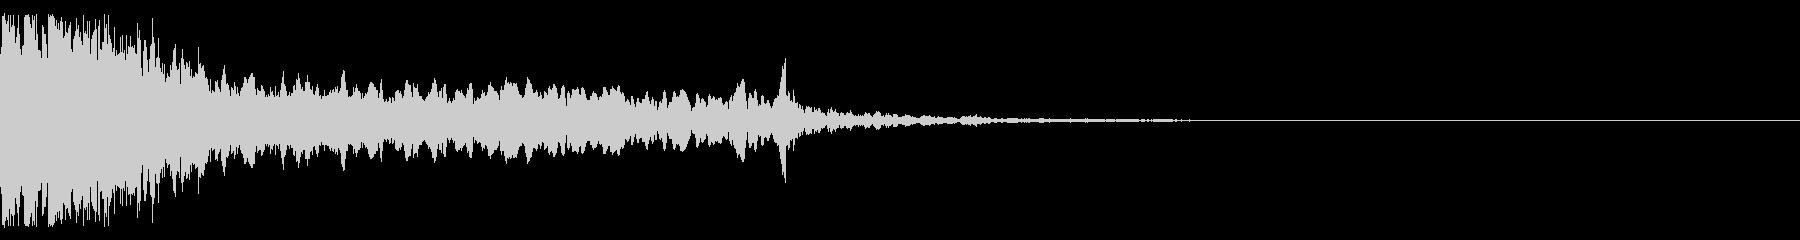 【和風】効果音001_決定音の未再生の波形